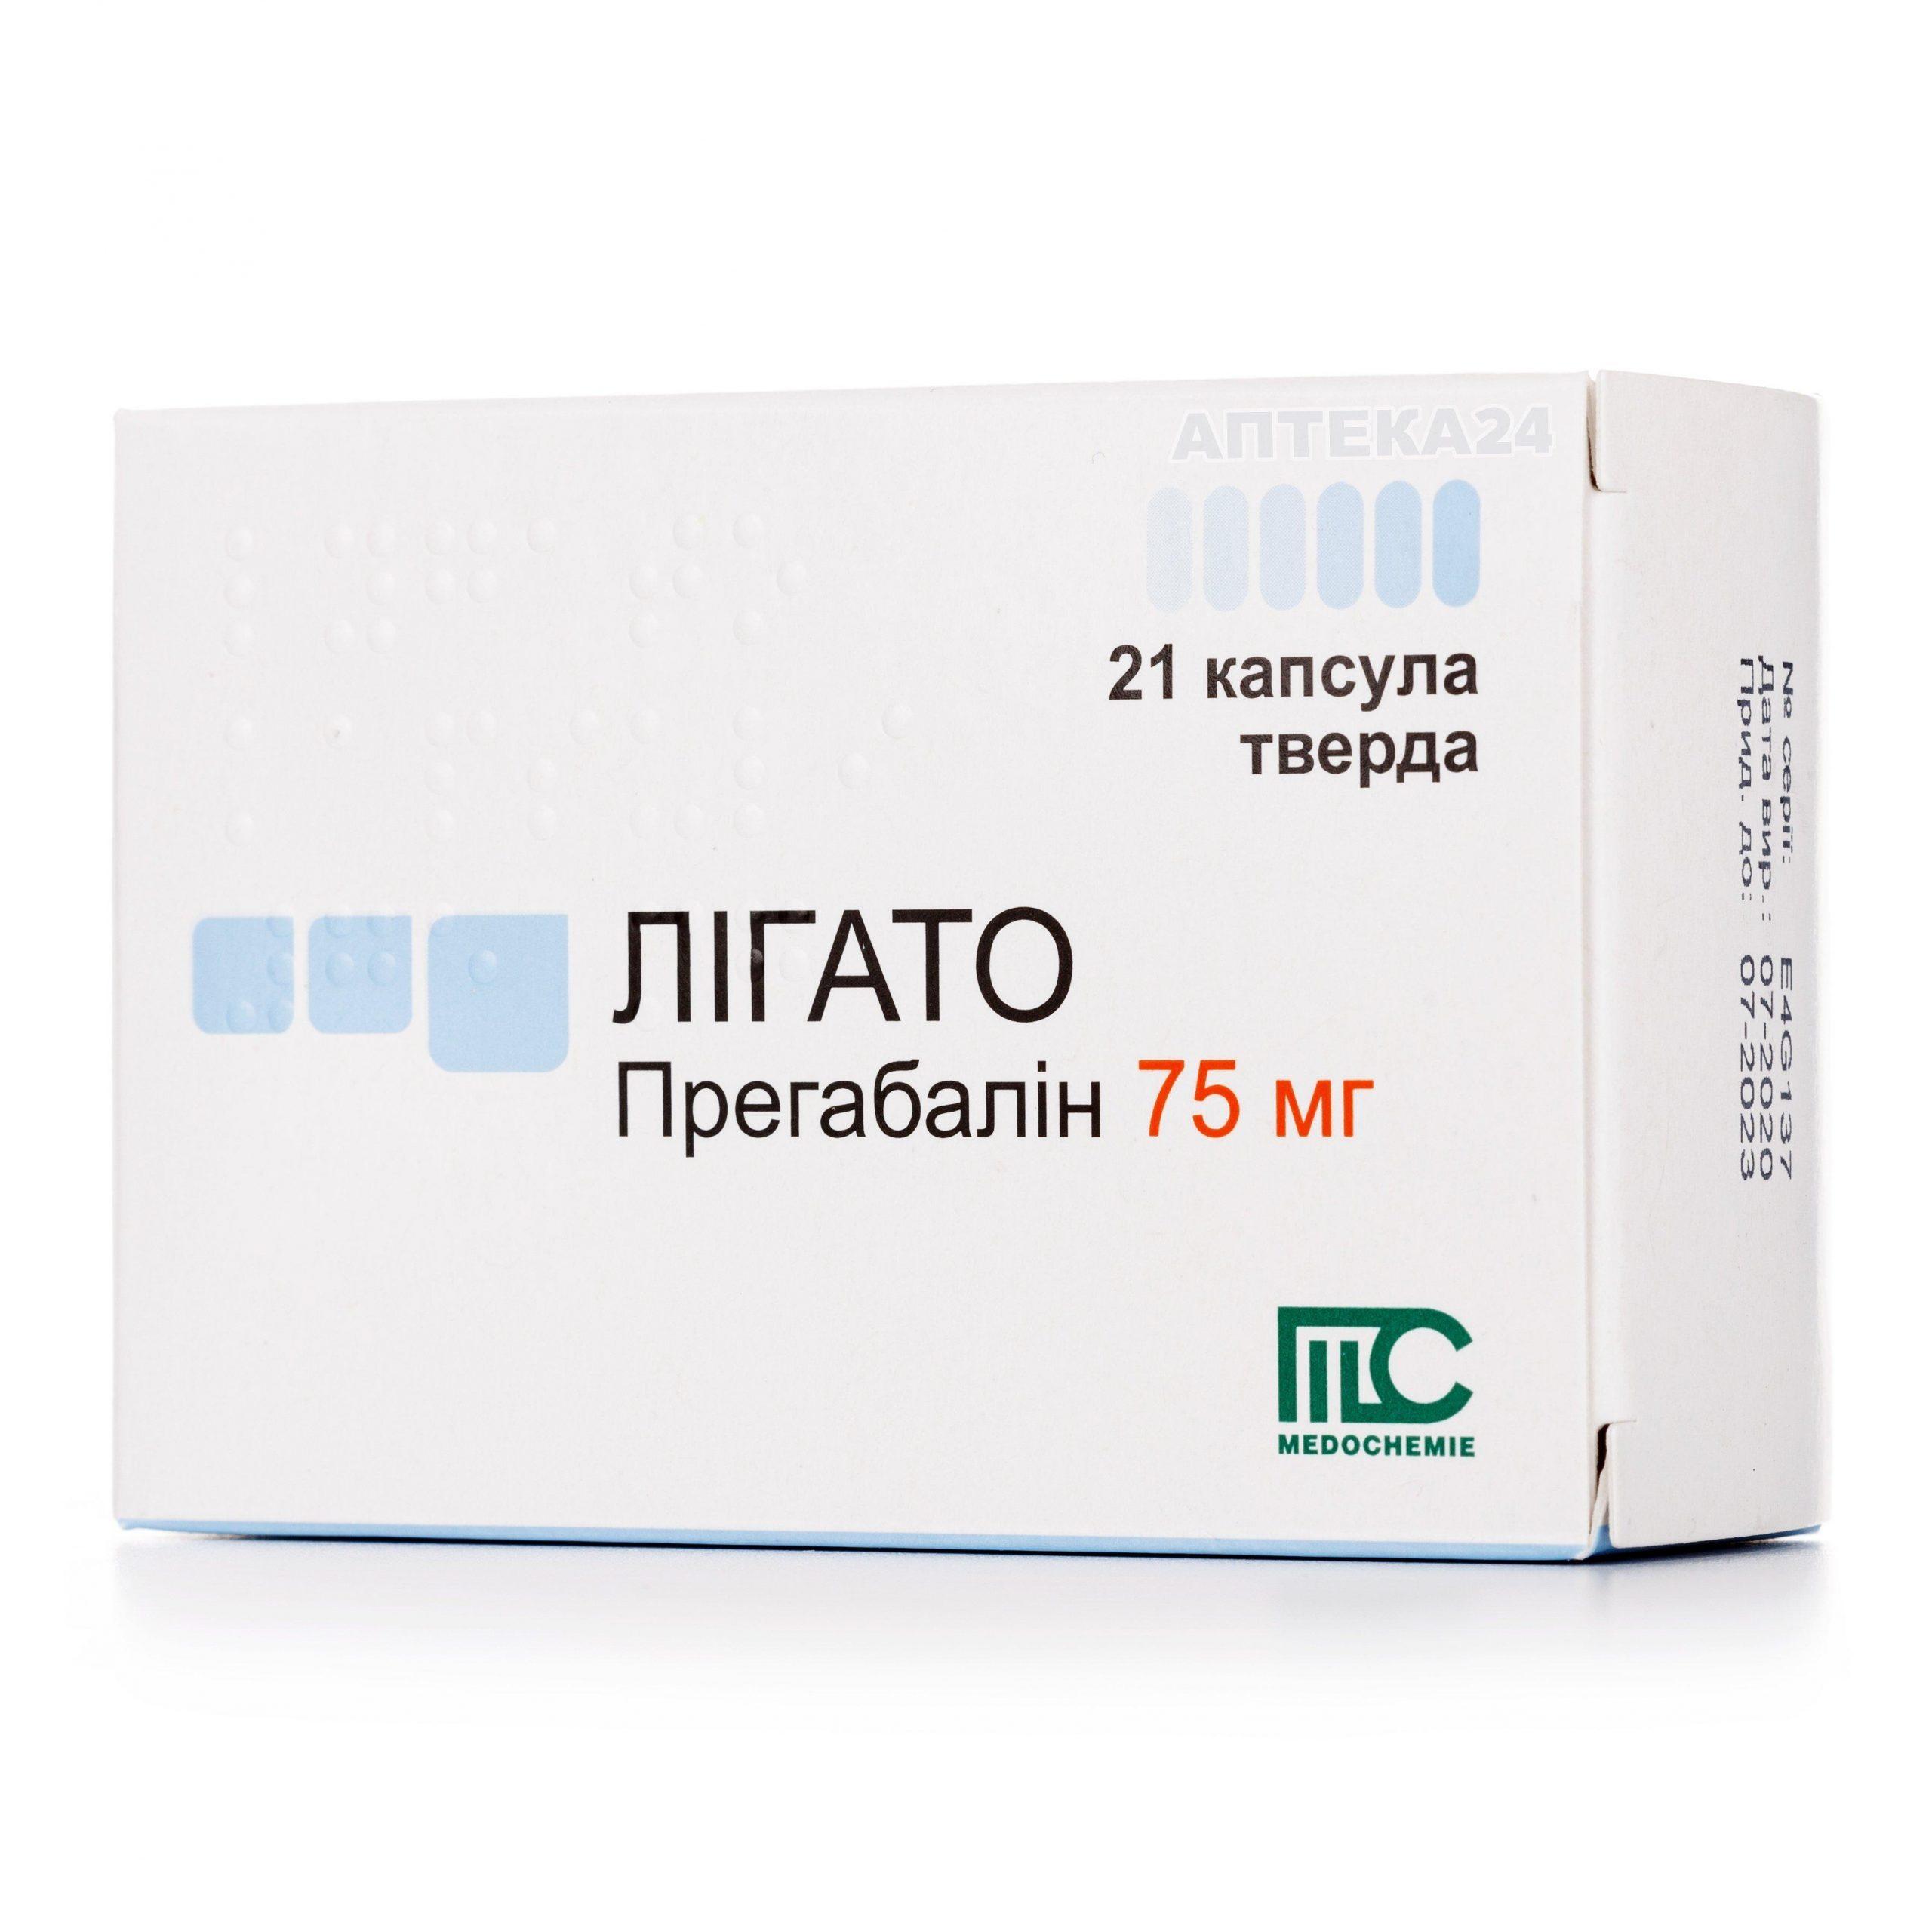 Лигато капсулы 75 мг N21_6005e19b50e20.jpeg